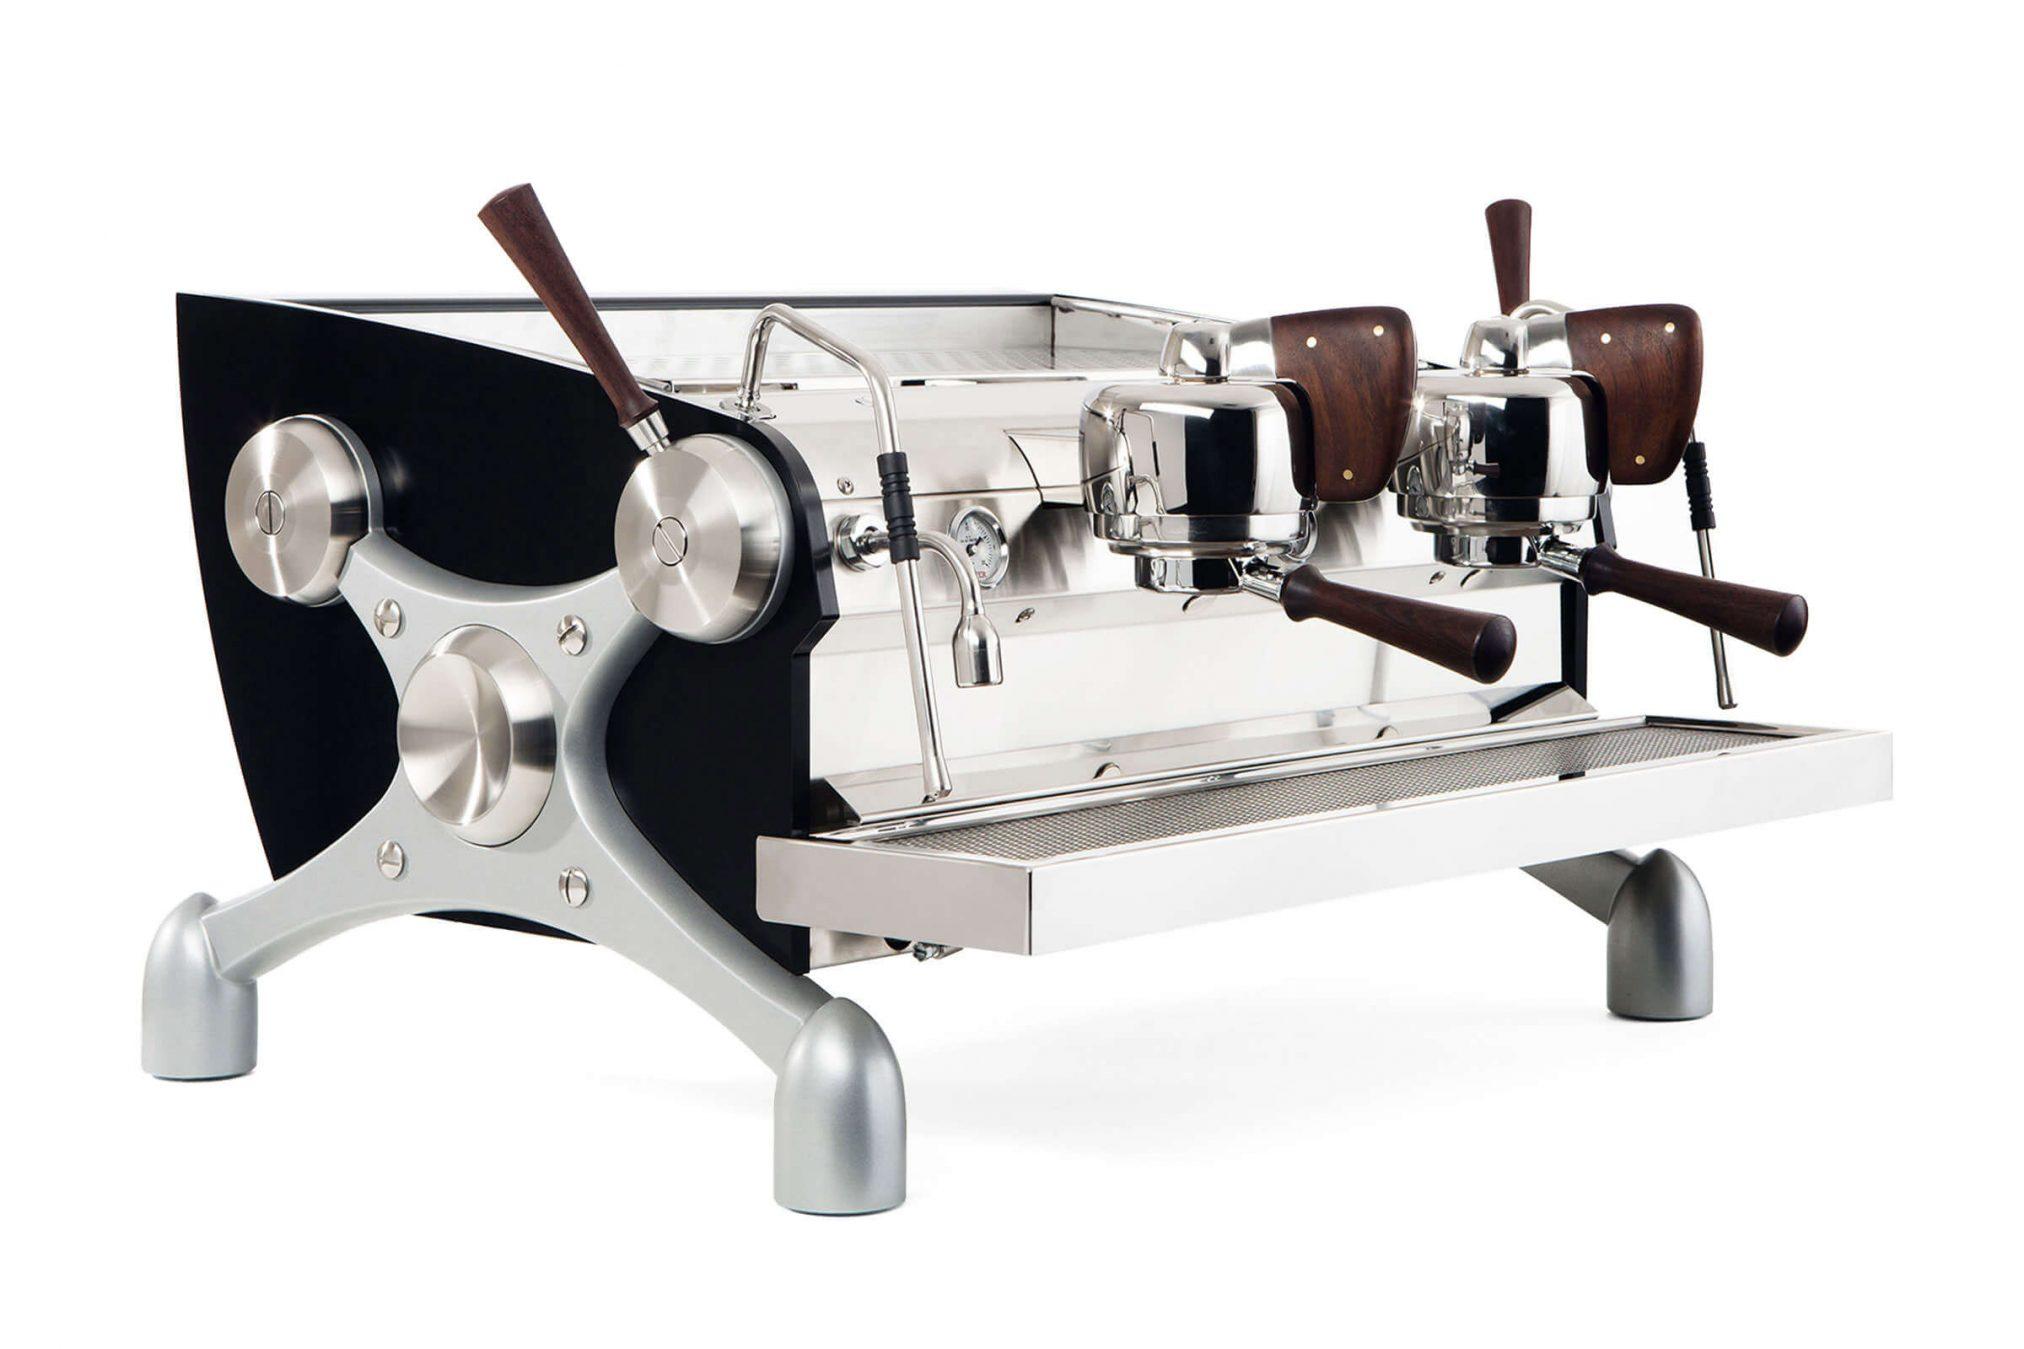 Профессиональные кофемашины и кофемолки - Slayer Espresso